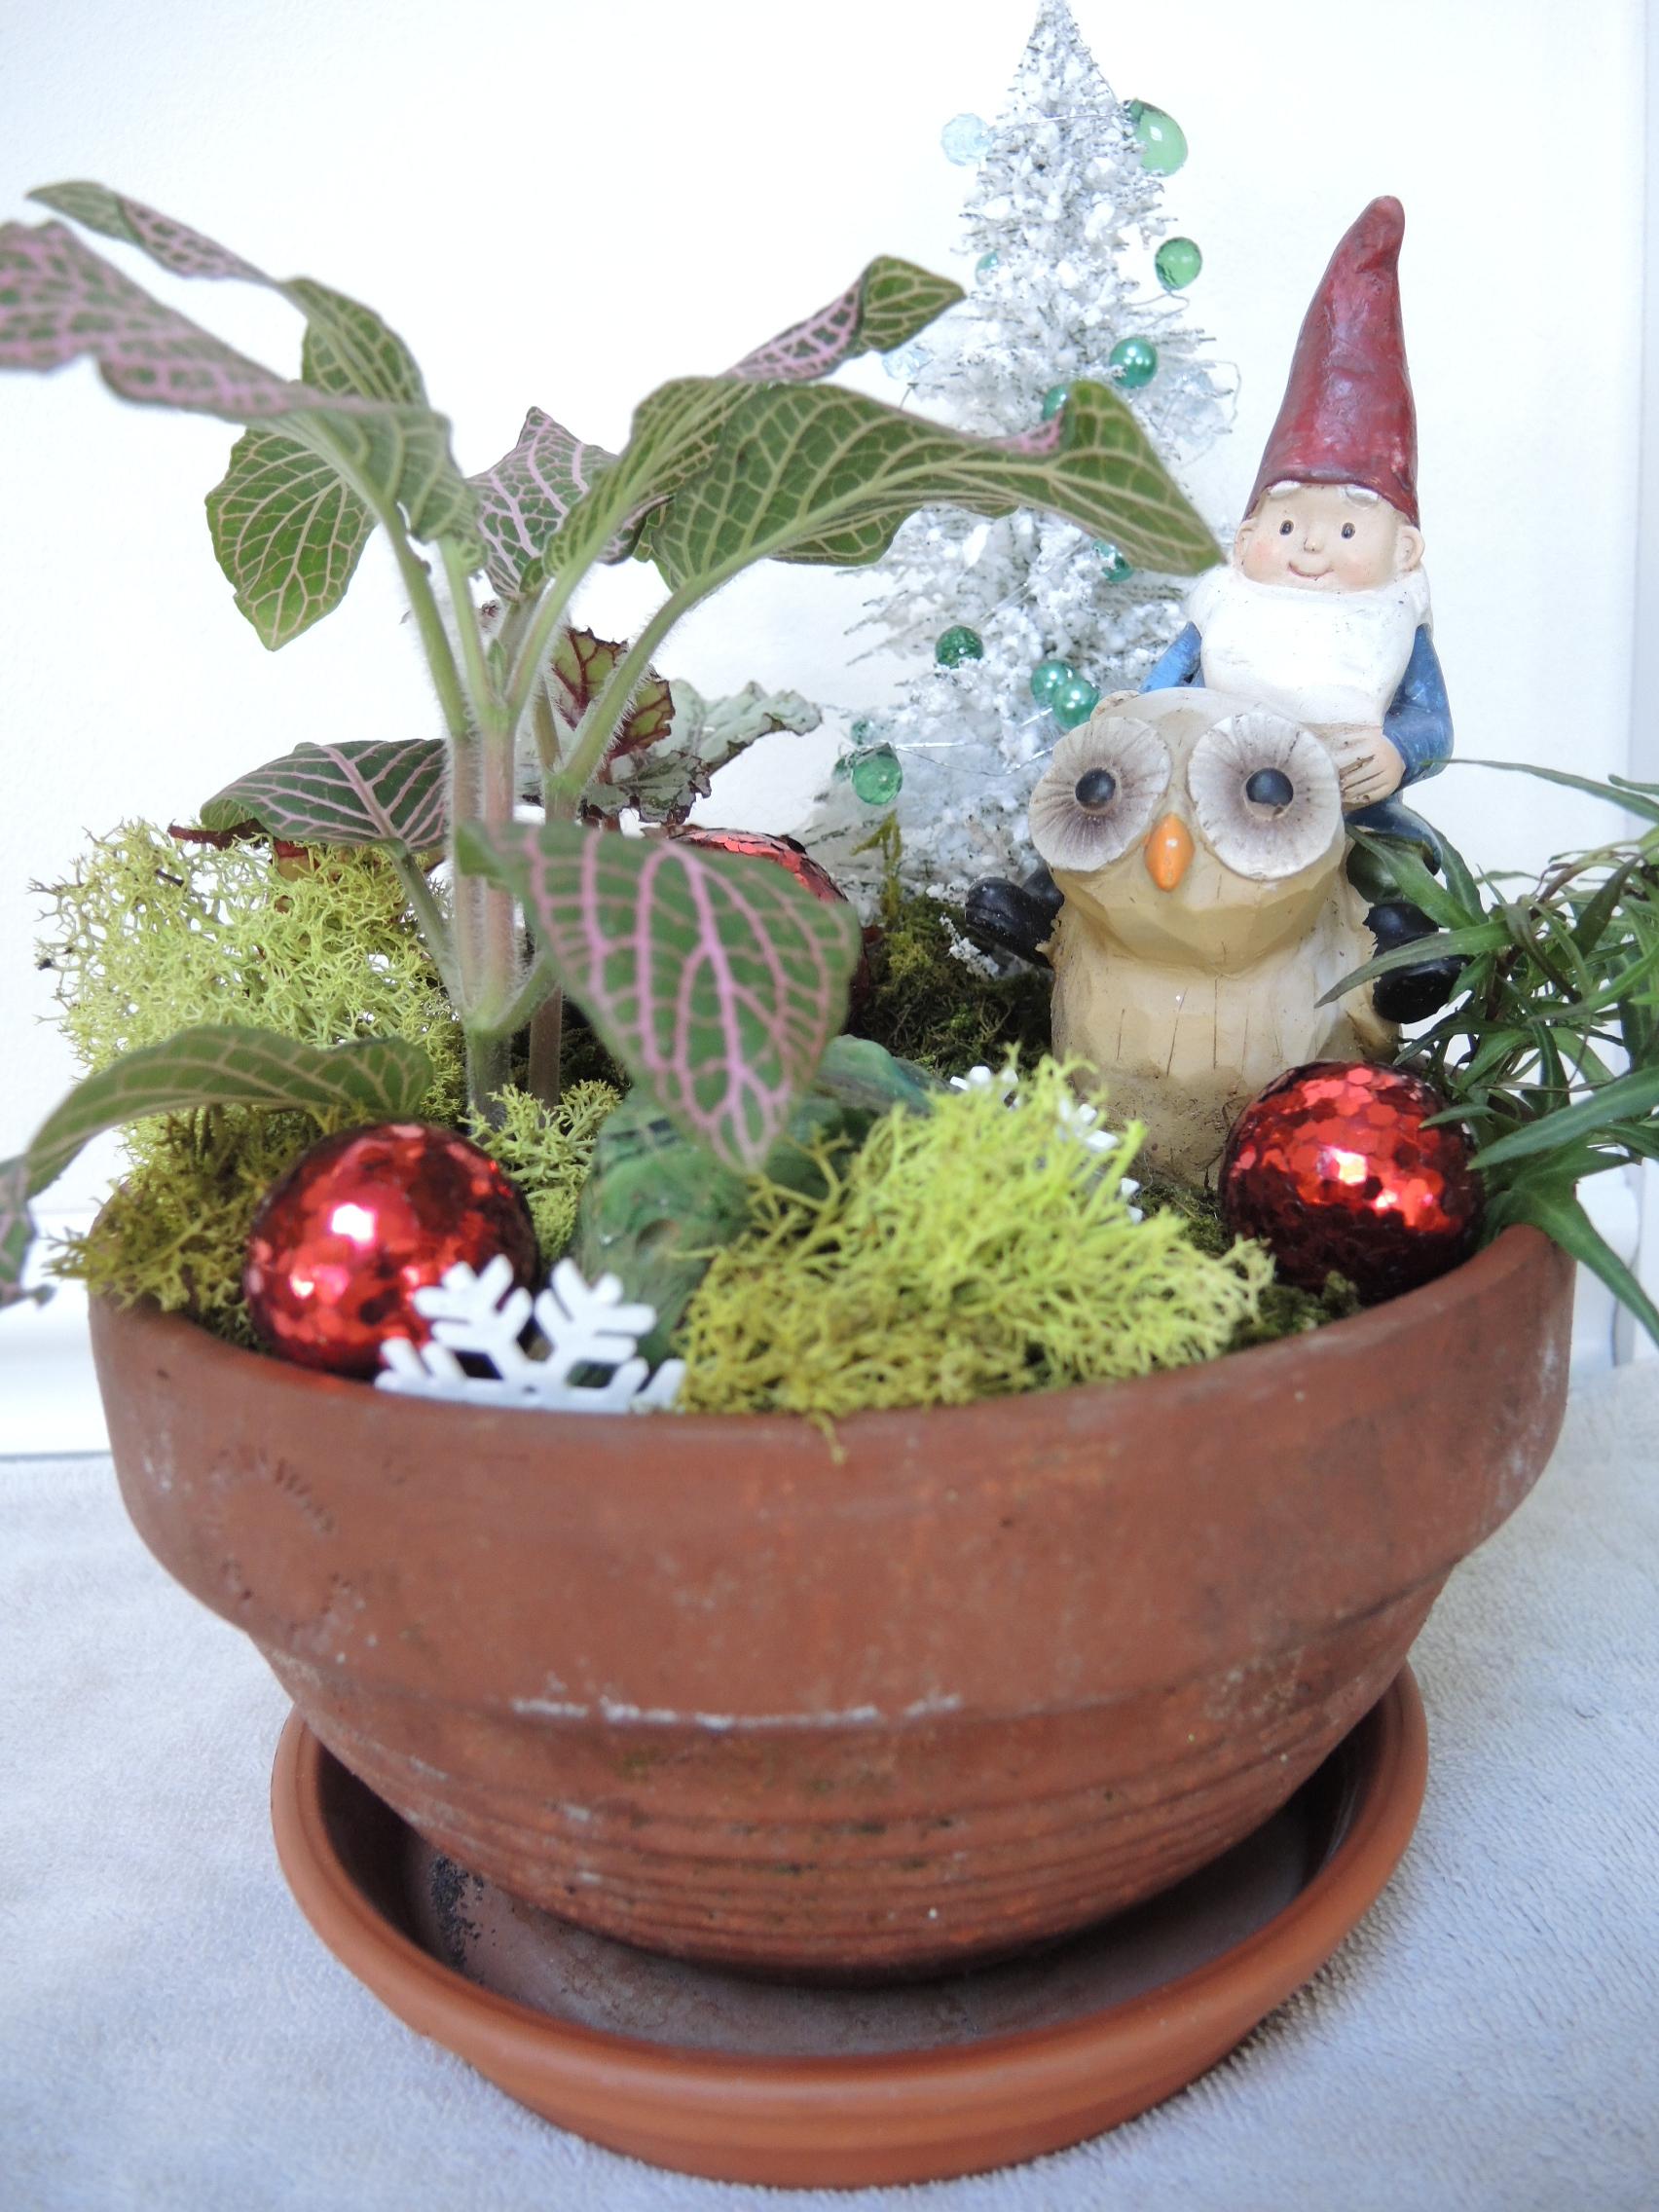 Fairytale Christmas The Garden Diaries